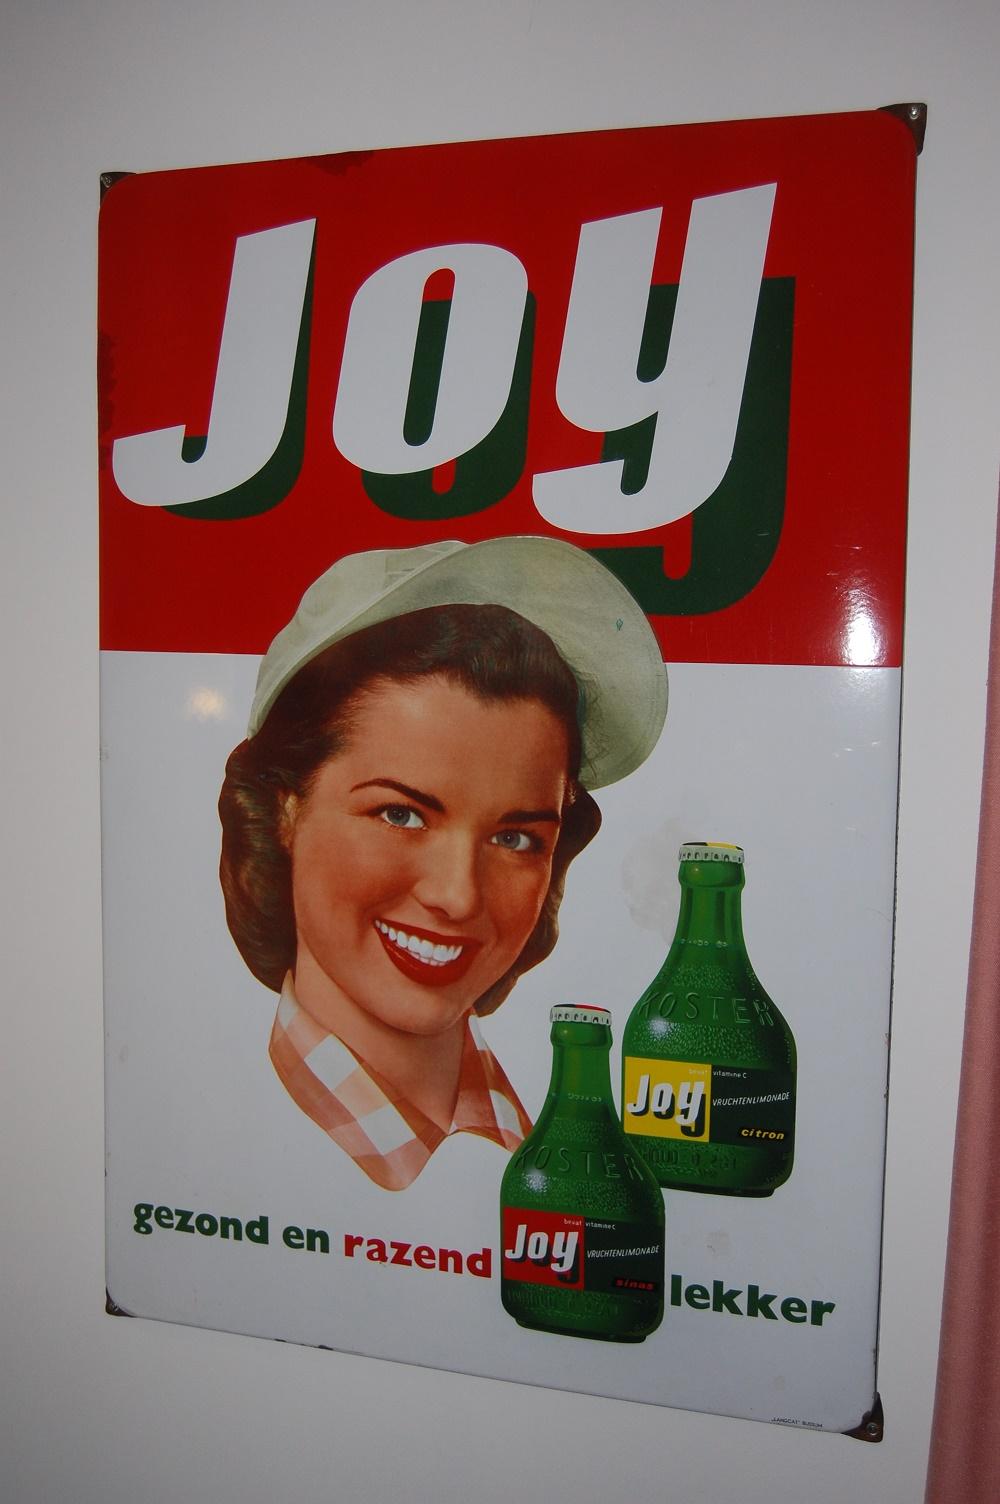 joy gezond en razend lekker emaille reclamebord